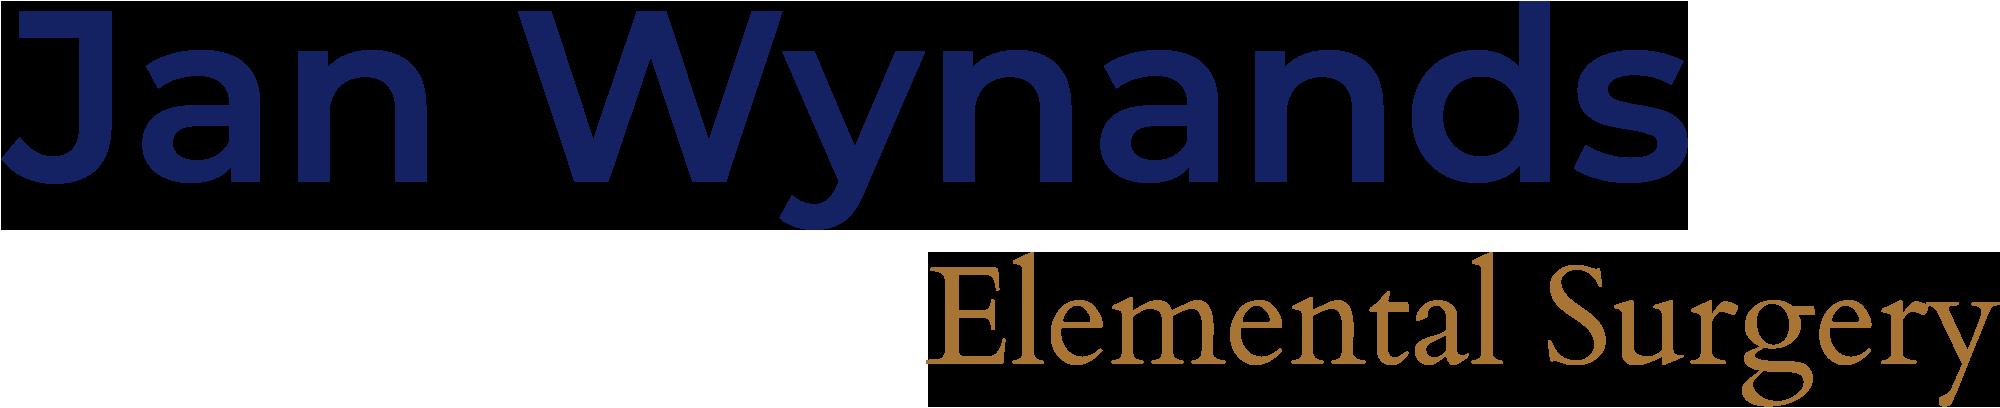 Dr. Jan Wynands - Elemental Surgery - Köln / Bonn